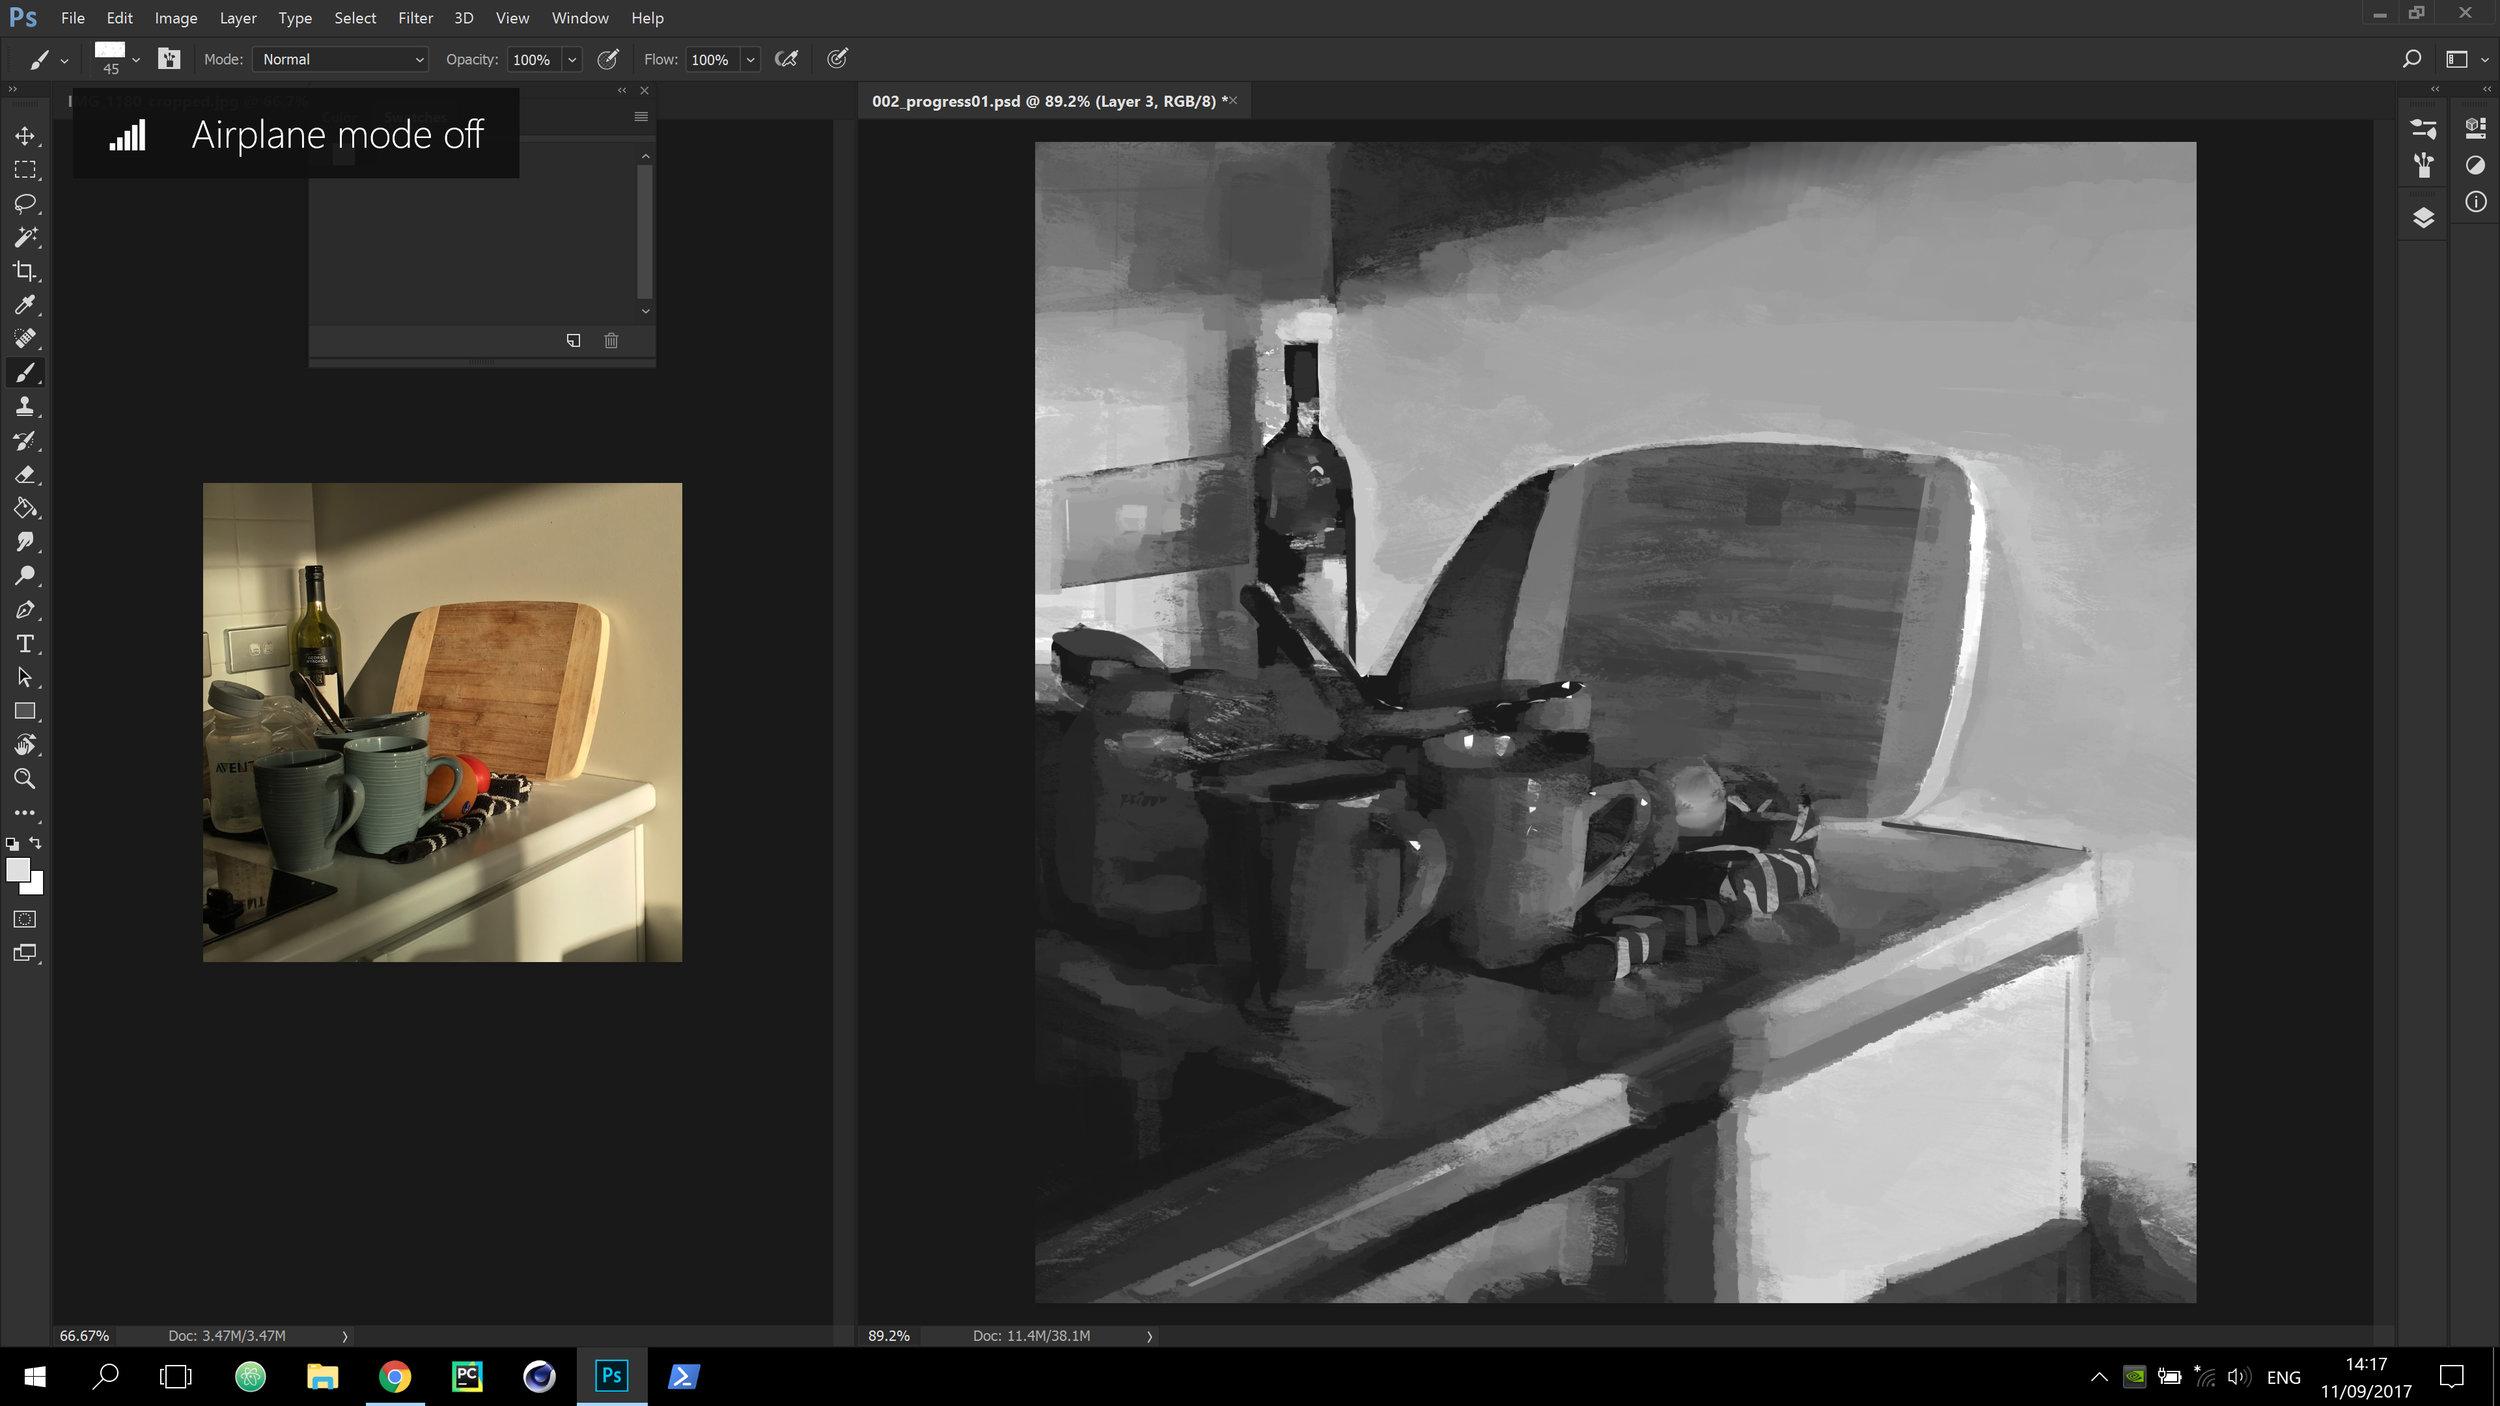 001_doneScreenshot.jpg